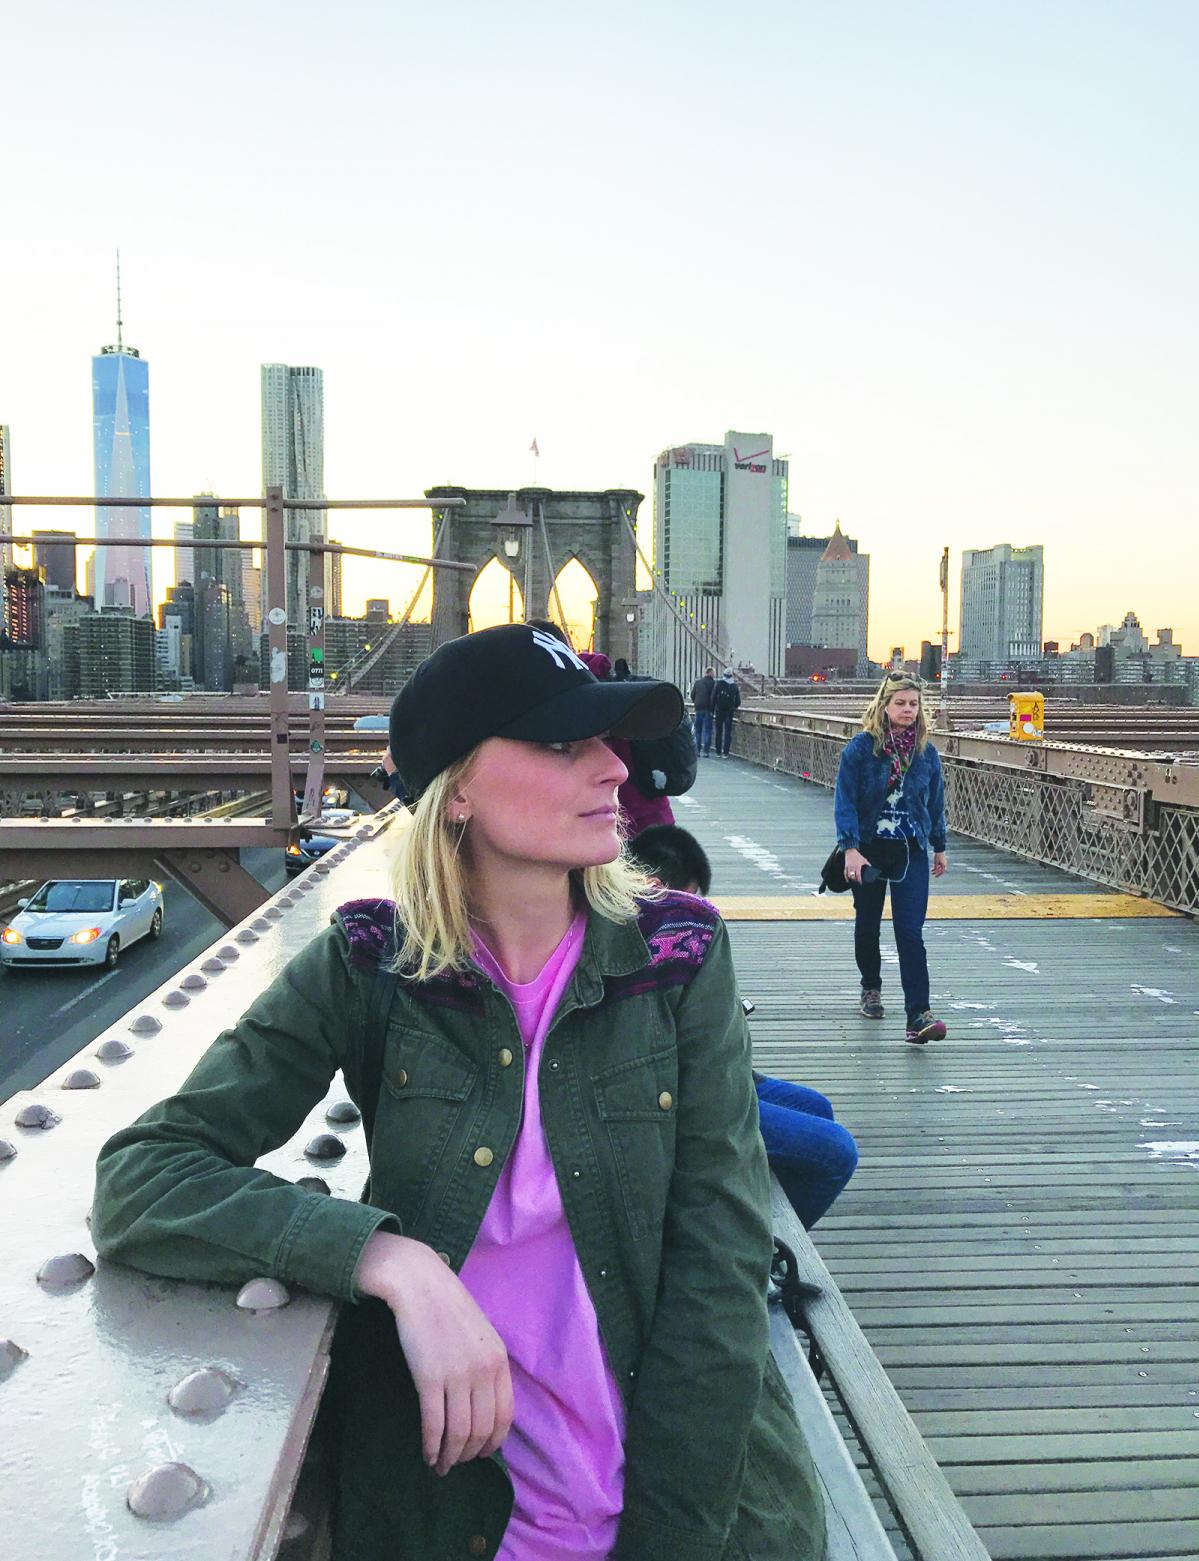 Viagem a Nova York, cidade que ela Mônica considera bem segura - Acervo Pessoal/ND